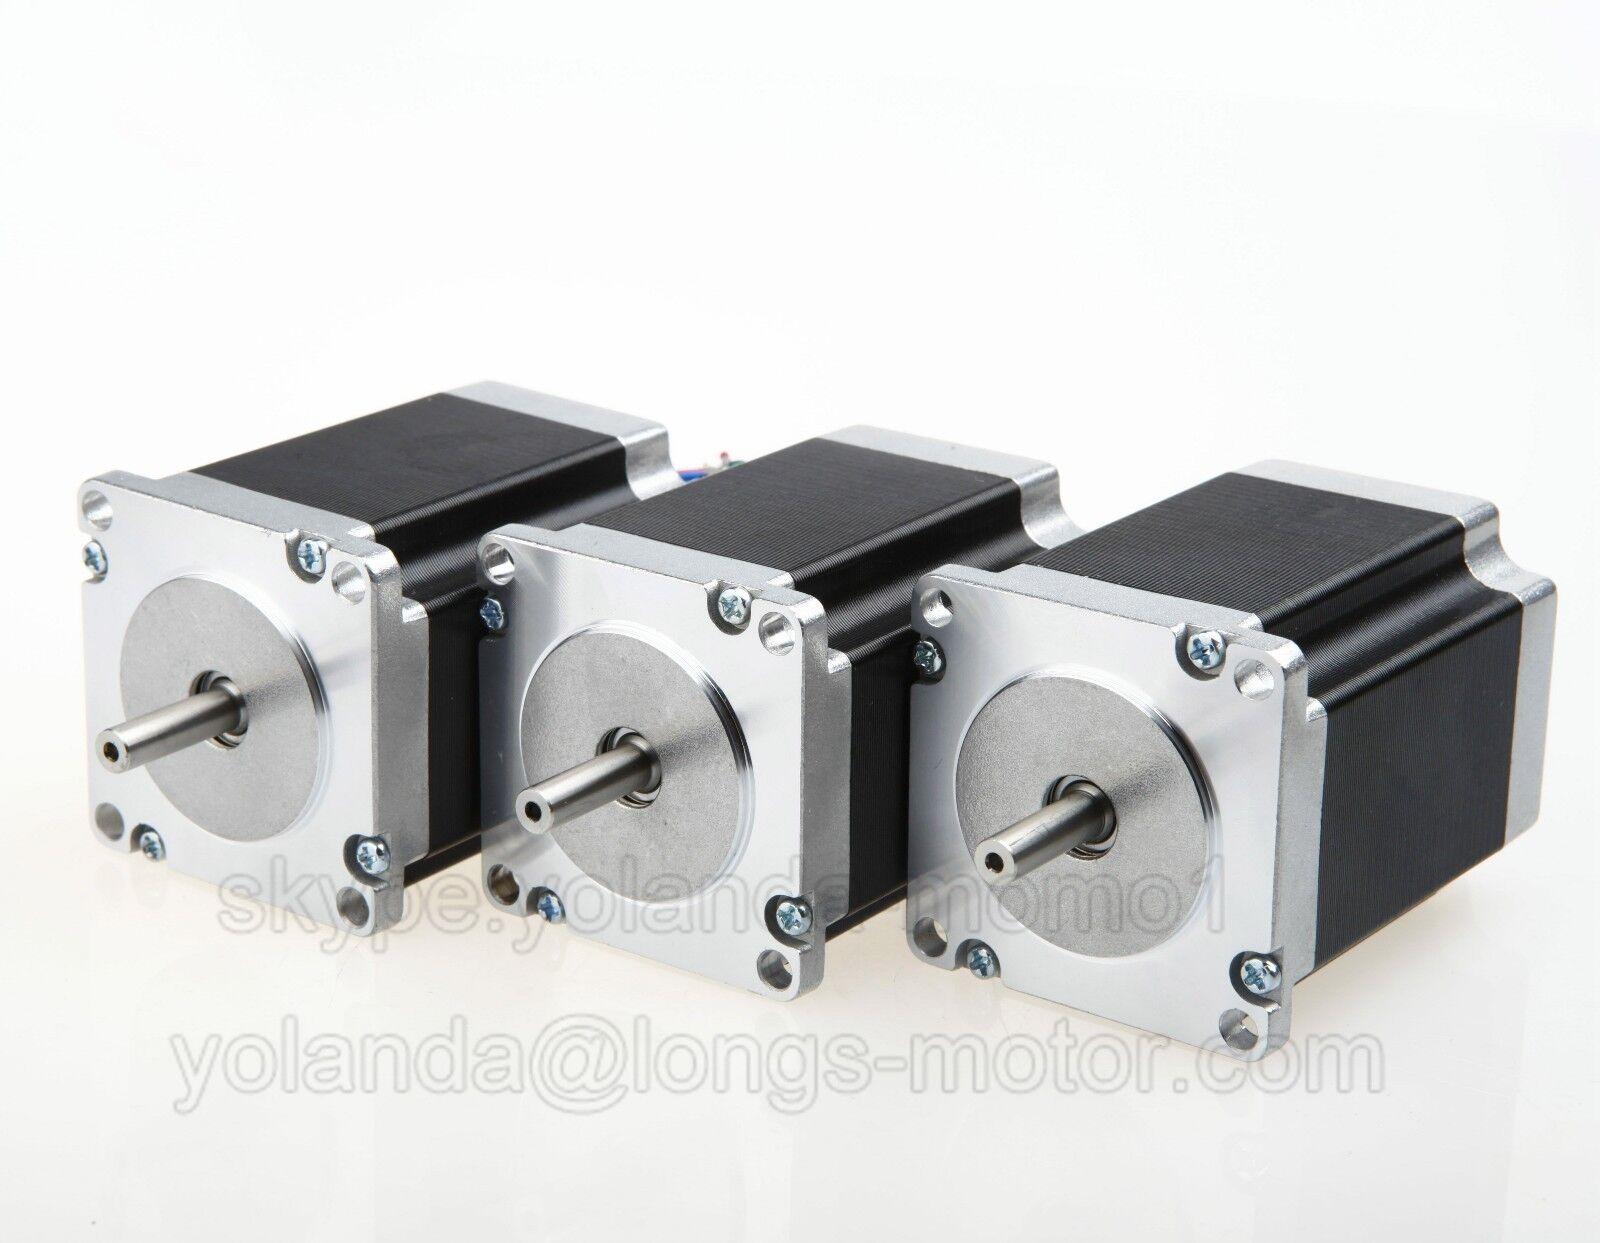 【EU SHIP】NEMA23 Stepper Motor 3A 100 oz-in 41mm 4-leadsFlat Shaft CNC machine